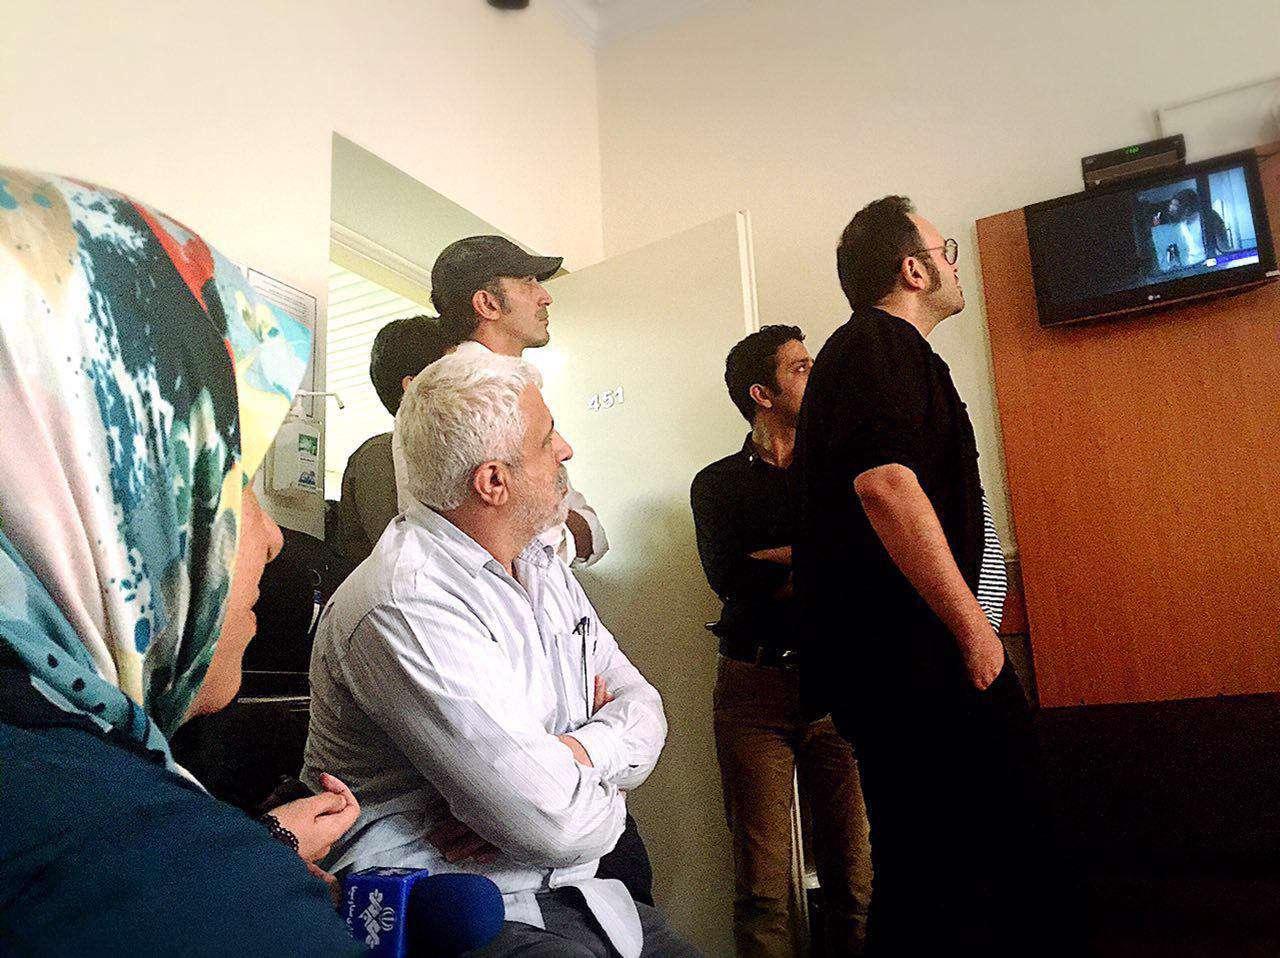 عیادت عوامل فیلم «ایستاده در غبار» از مادر حاج احمد متوسلیان در بیمارستان به مناسبت سالگرد ربایش چهار دیپلمات ایرانی